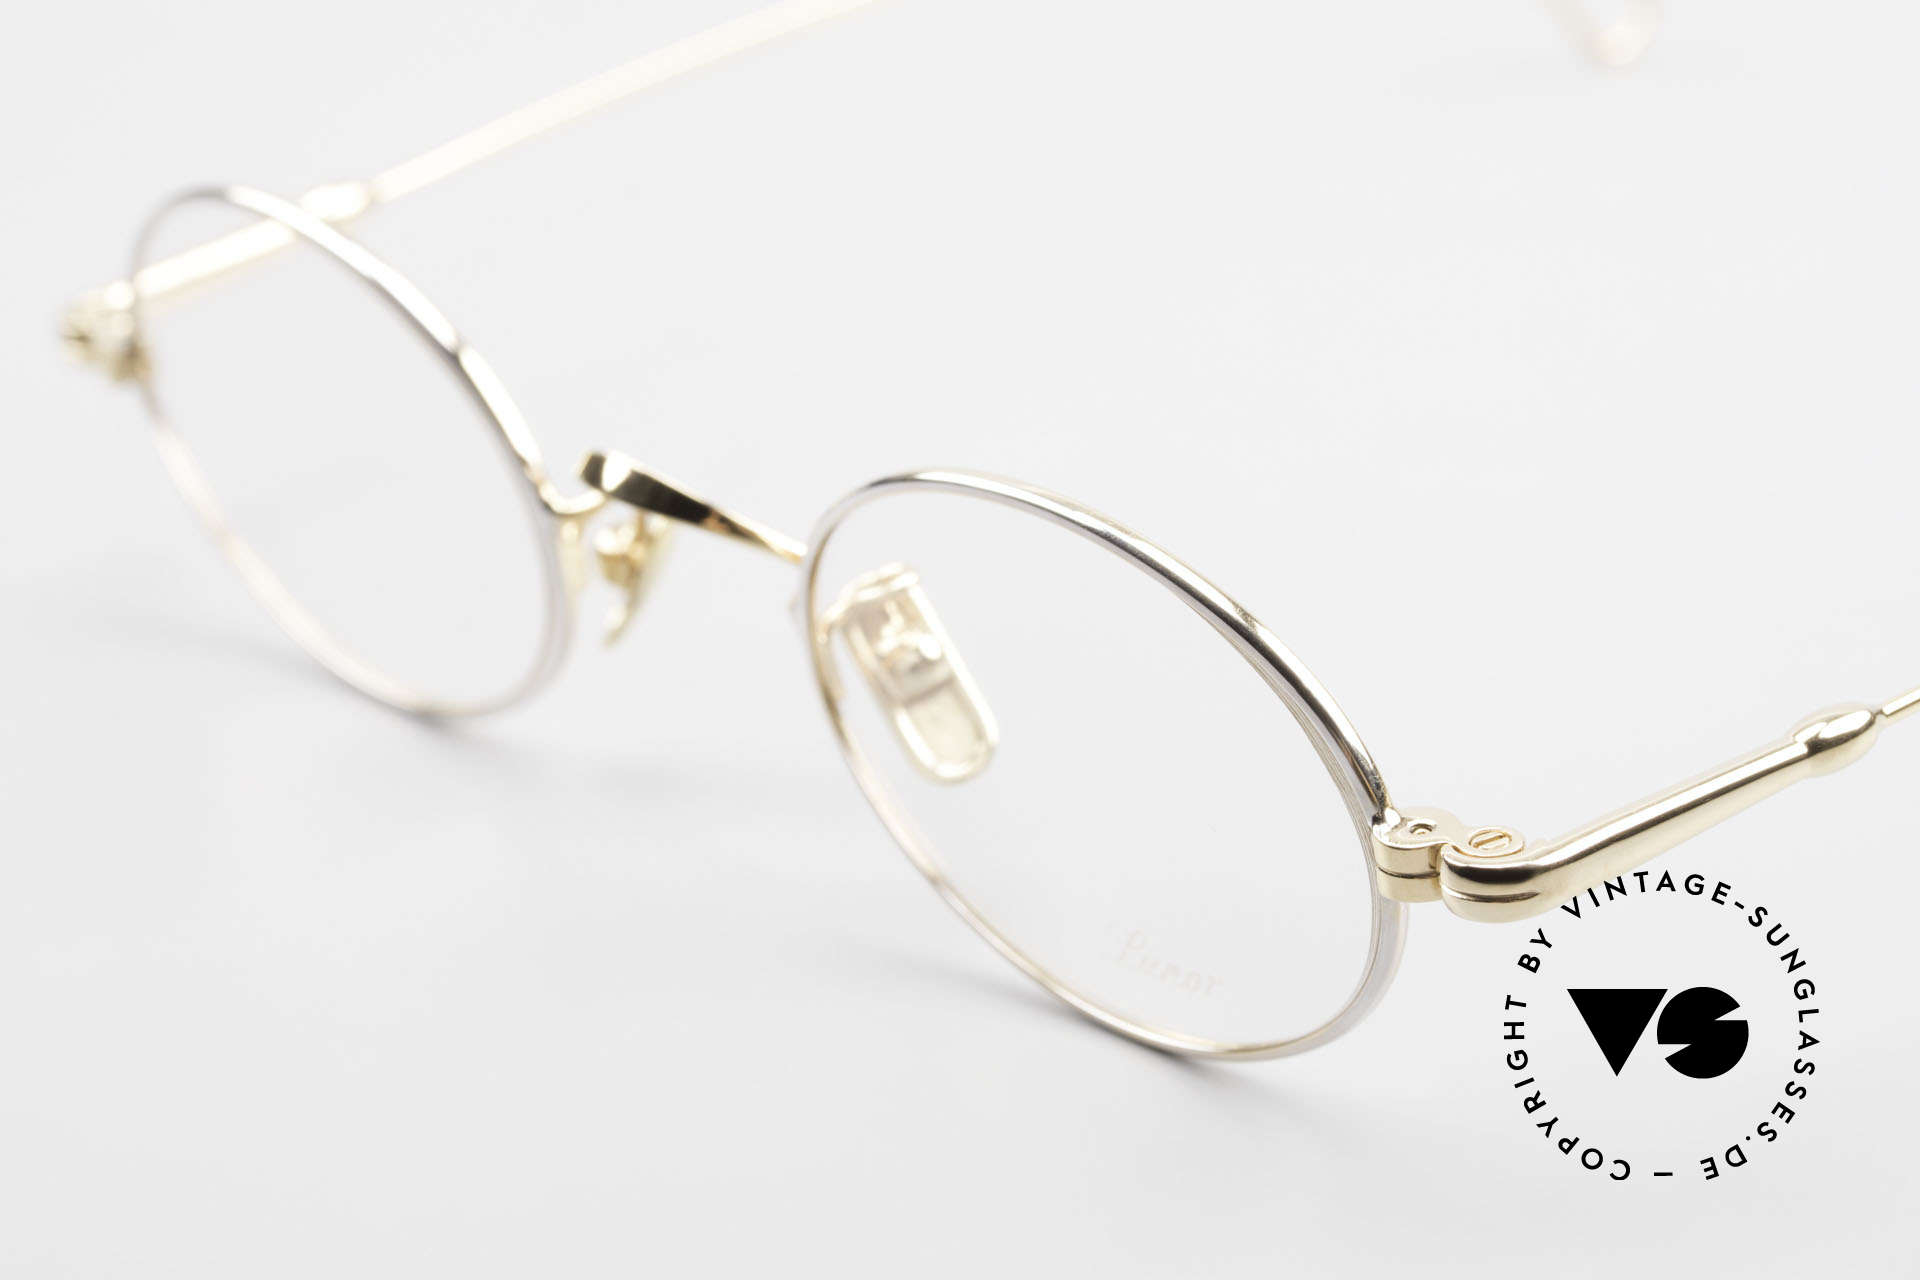 Lunor V 100 Ovale Lunor Brille Bicolor, BICOLOR = Platin-plattiert und 22kt Gold-plattiert, Passend für Herren und Damen